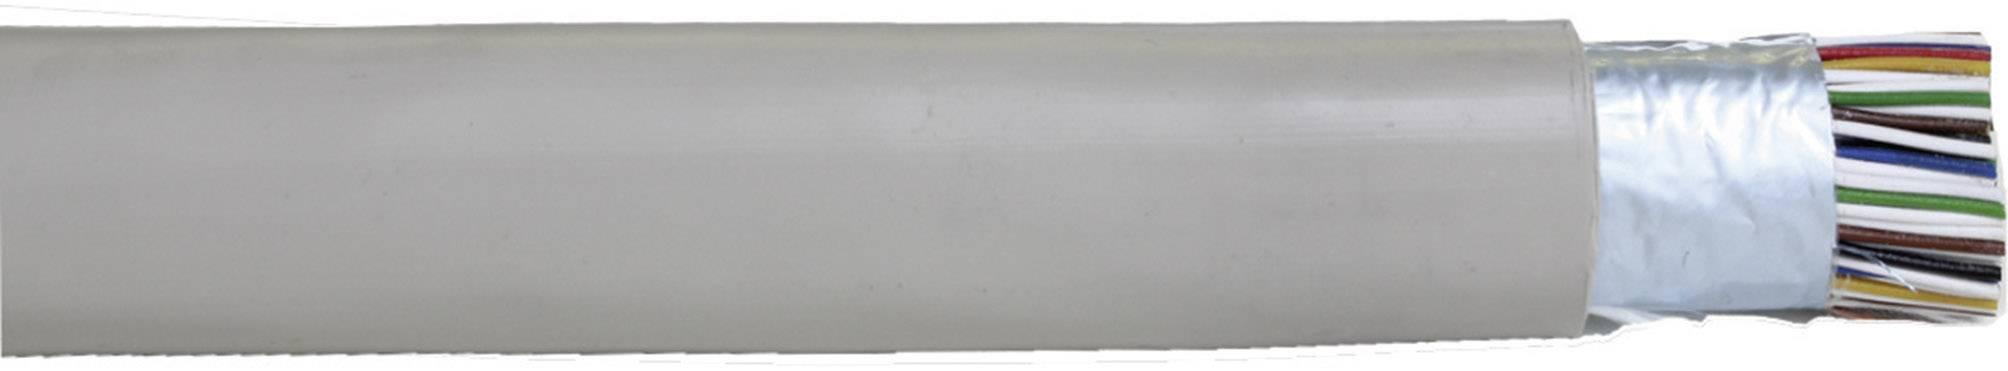 Řídicí kabel Faber Kabel J-Y(ST)Y (100004), 7 mm, stíněný, šedá, 1 m